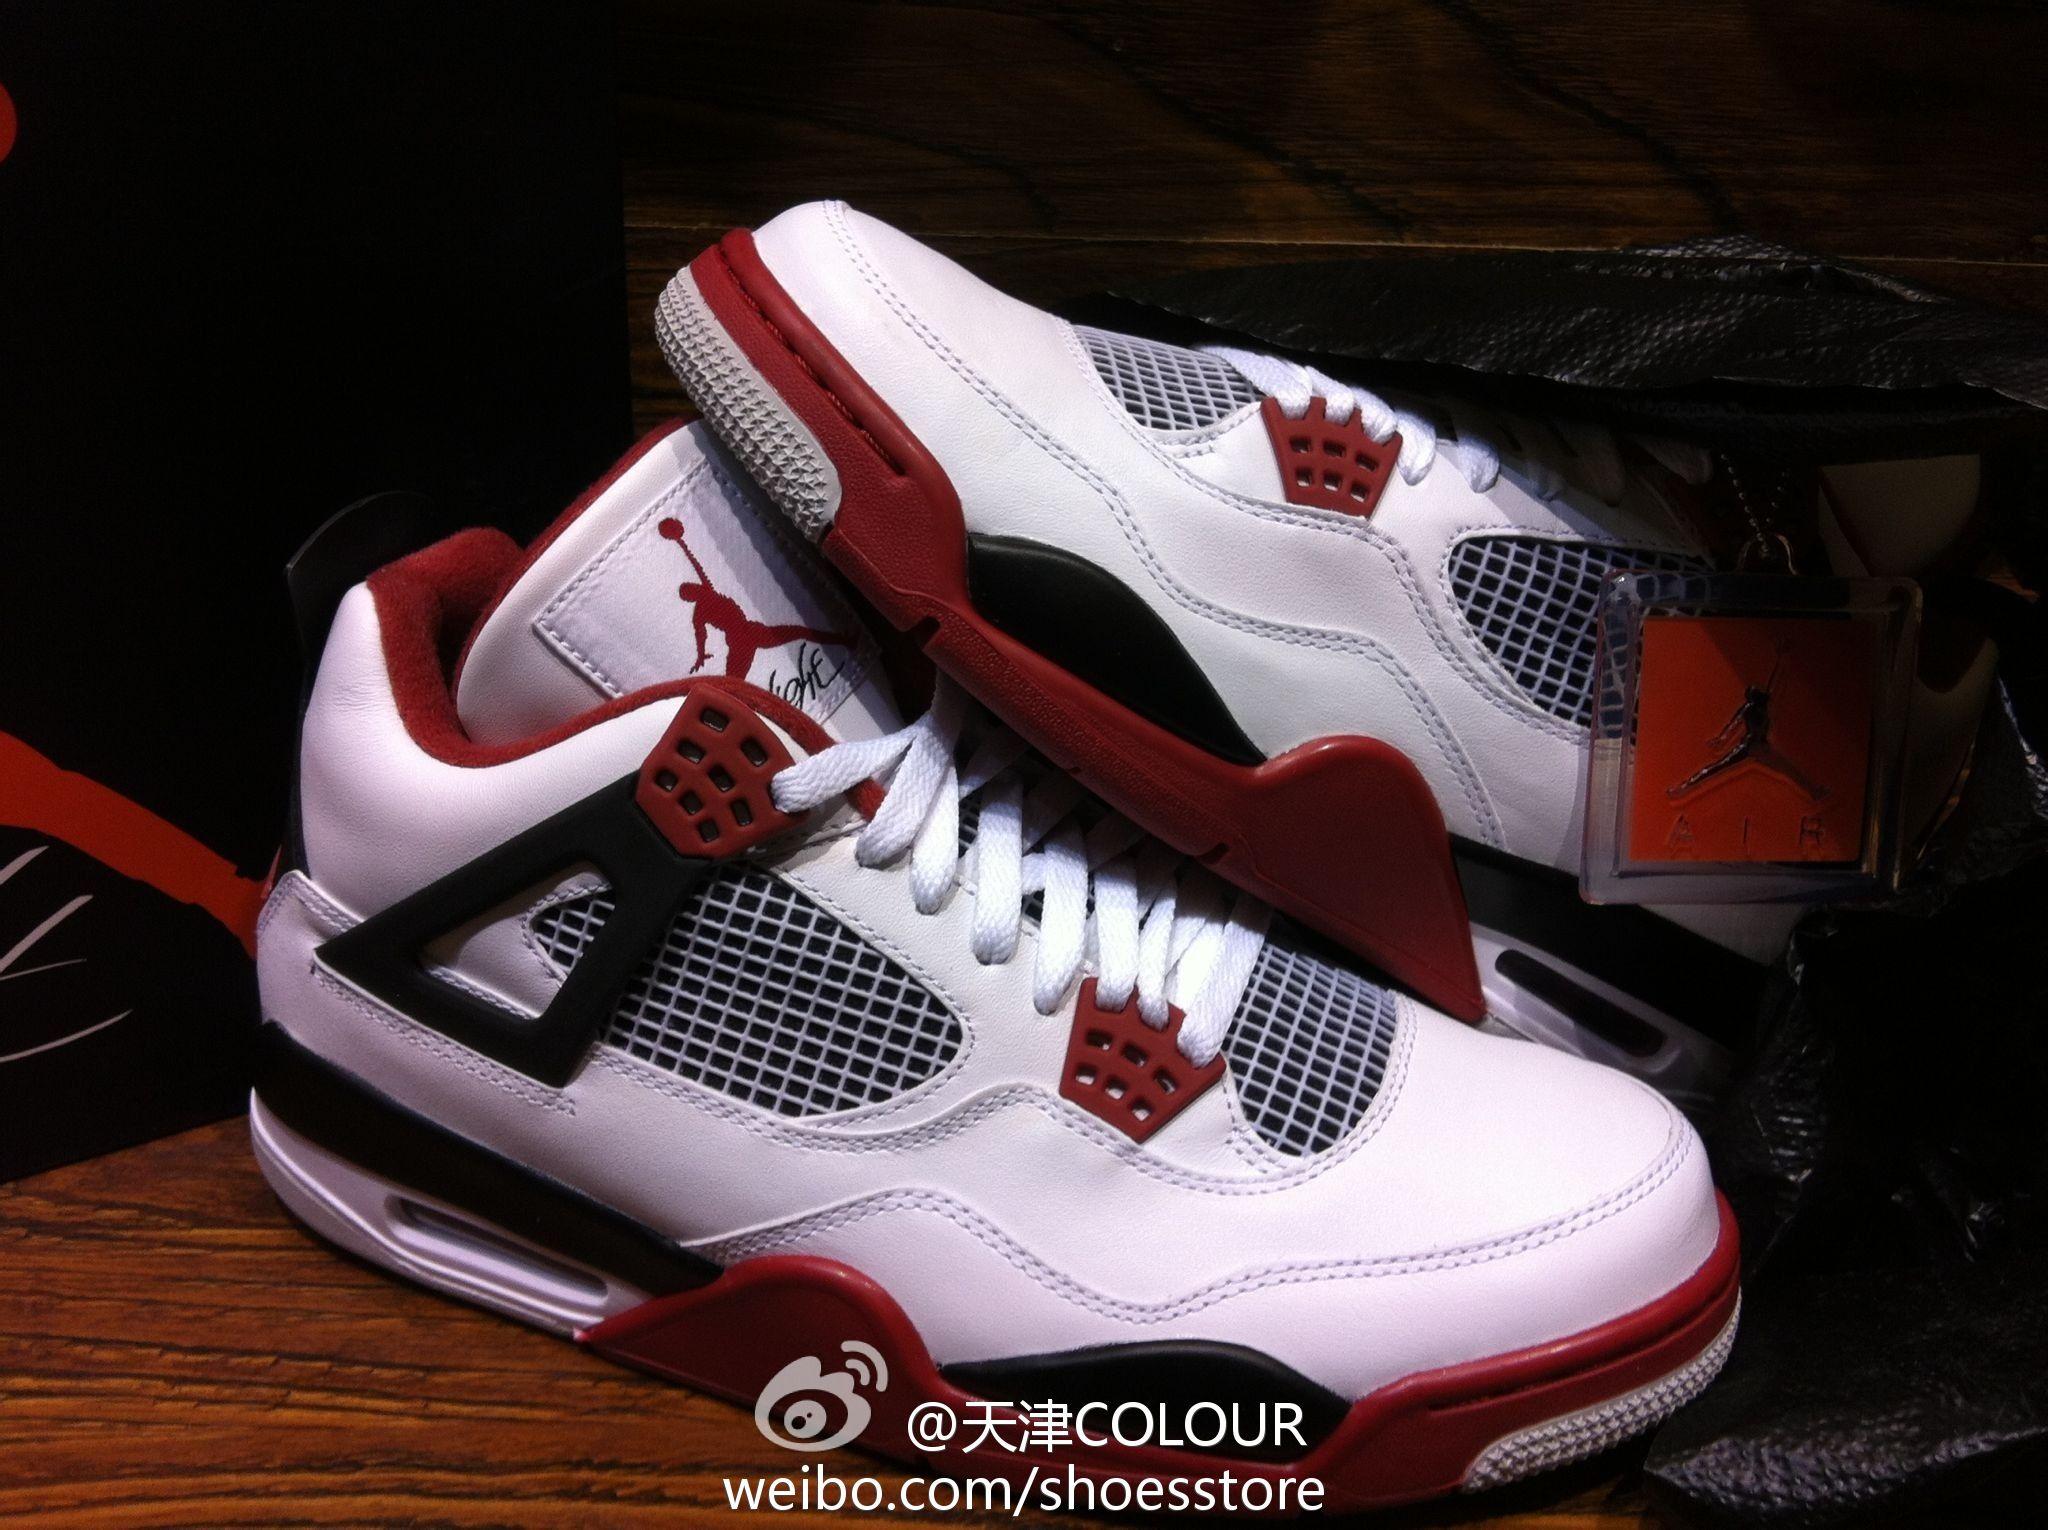 电视剧第九个�yi��aj:f�_在美国买了一双篮球鞋,aj的,但不知道aj几,麻烦各位大神帮忙看看